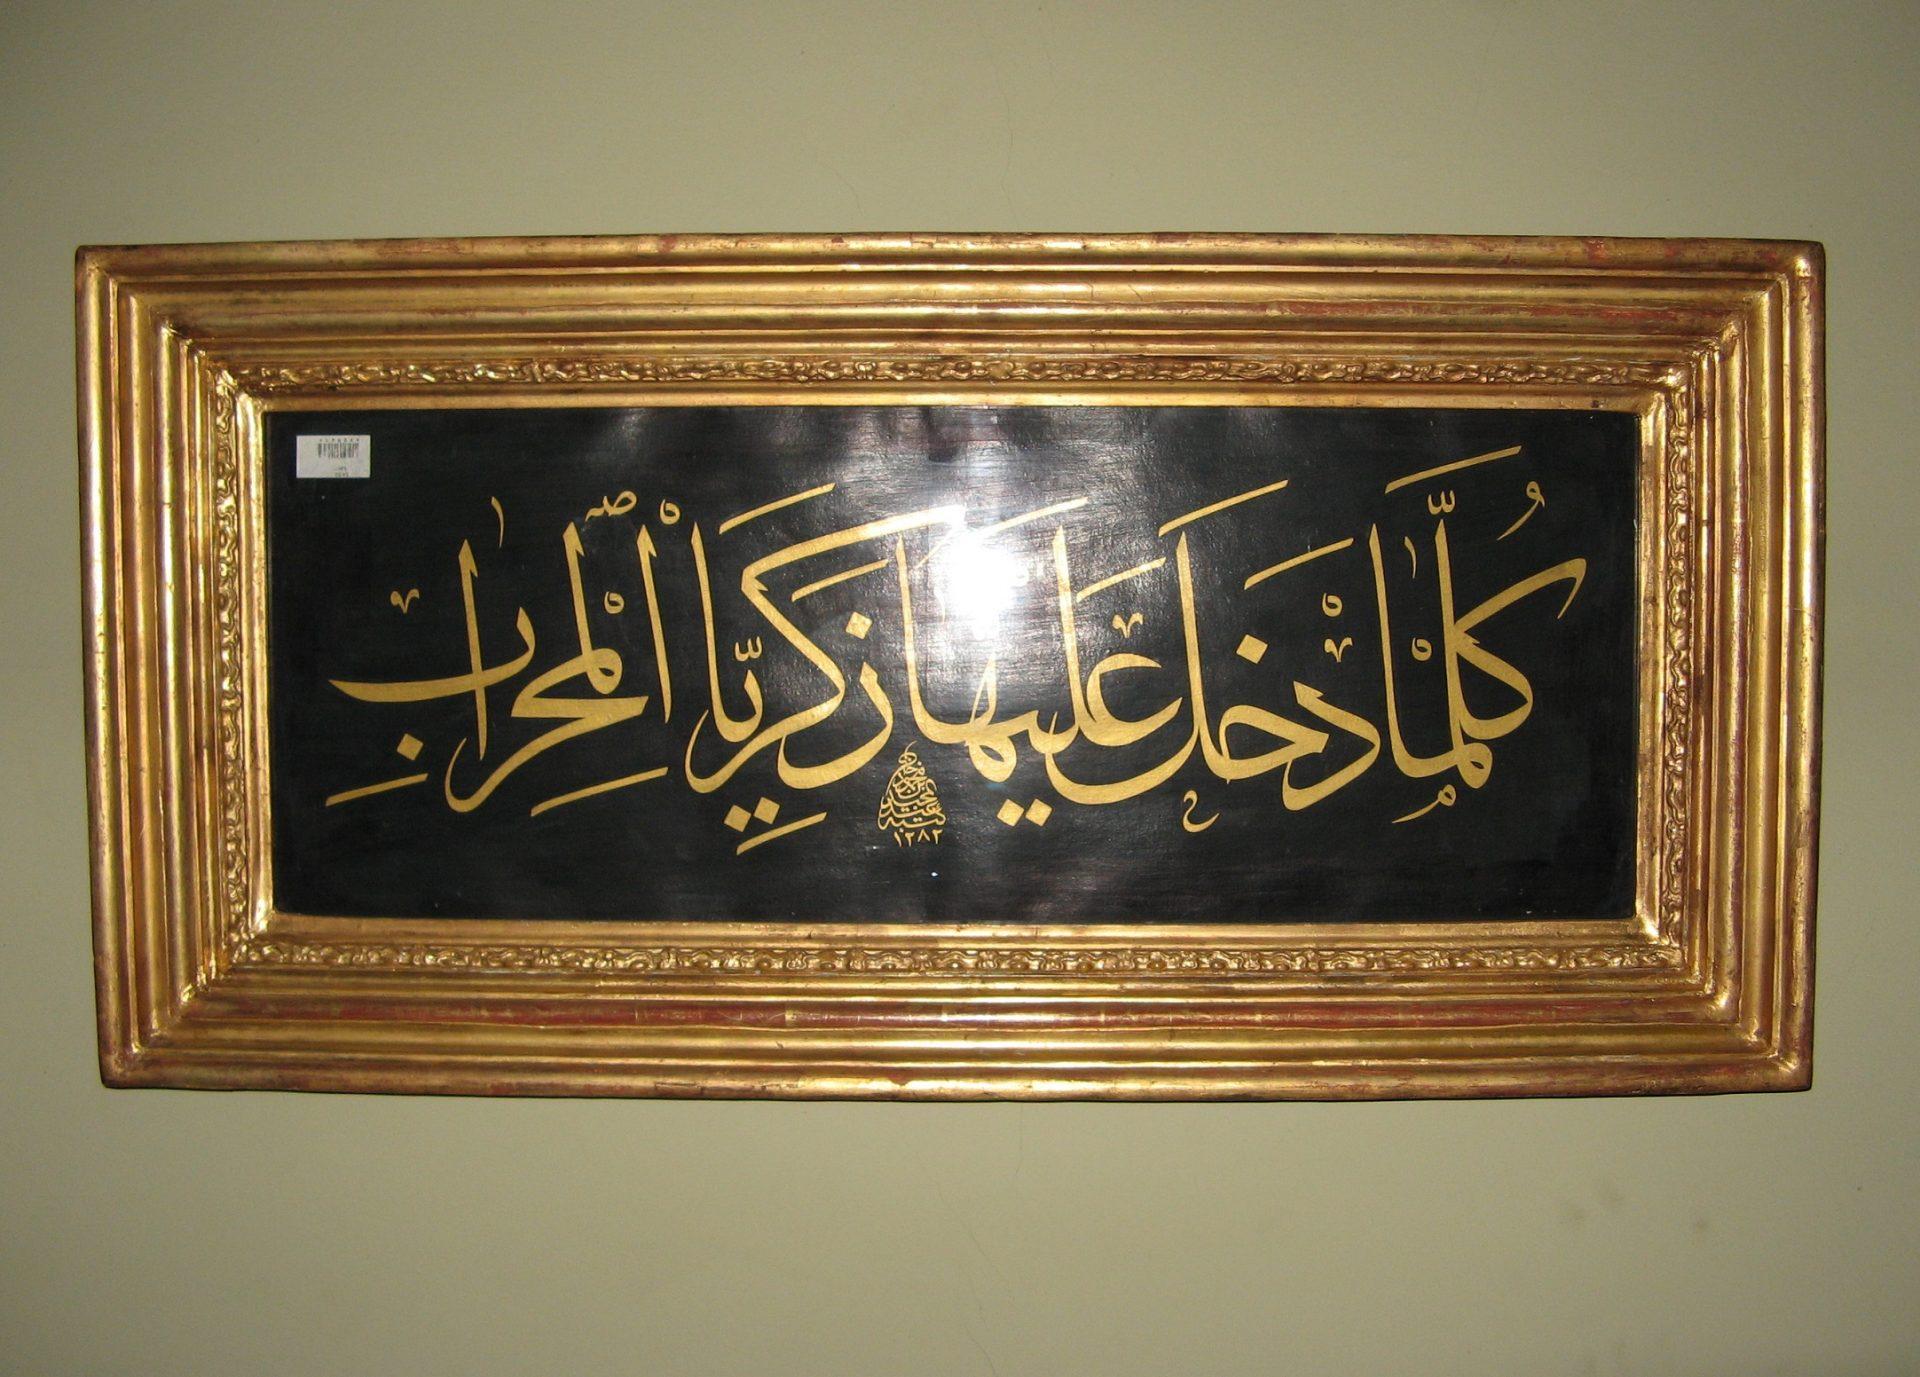 Levha Ketebehu Abdülmecîd Bin Mahmûd Hân Imzalıdır. Kenarları Nebâtî Motiflerle Süslenmiş Varaklı Bir çerçevesi Vardır.Osmanlı Padişahı Sultan Abdülmecid Han